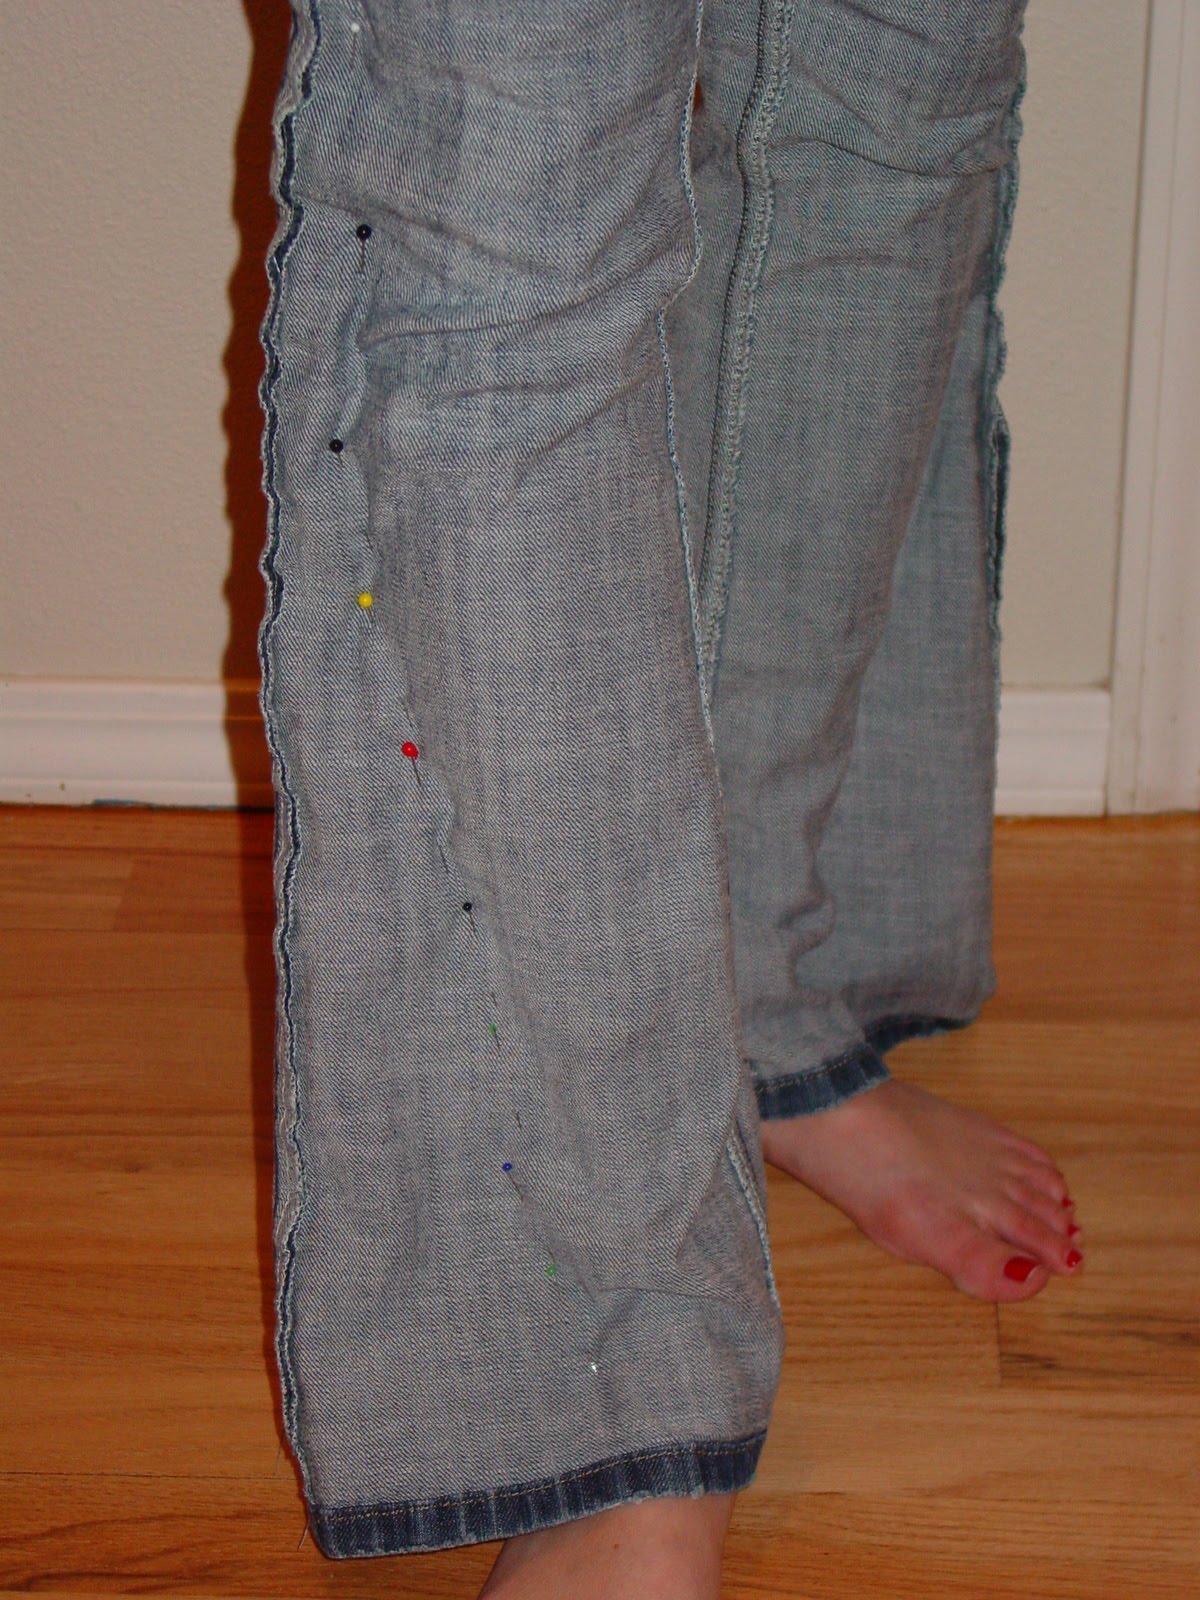 Как заузить юбку в домашних условиях Блог О шитье » Как ушить джинсы по талии